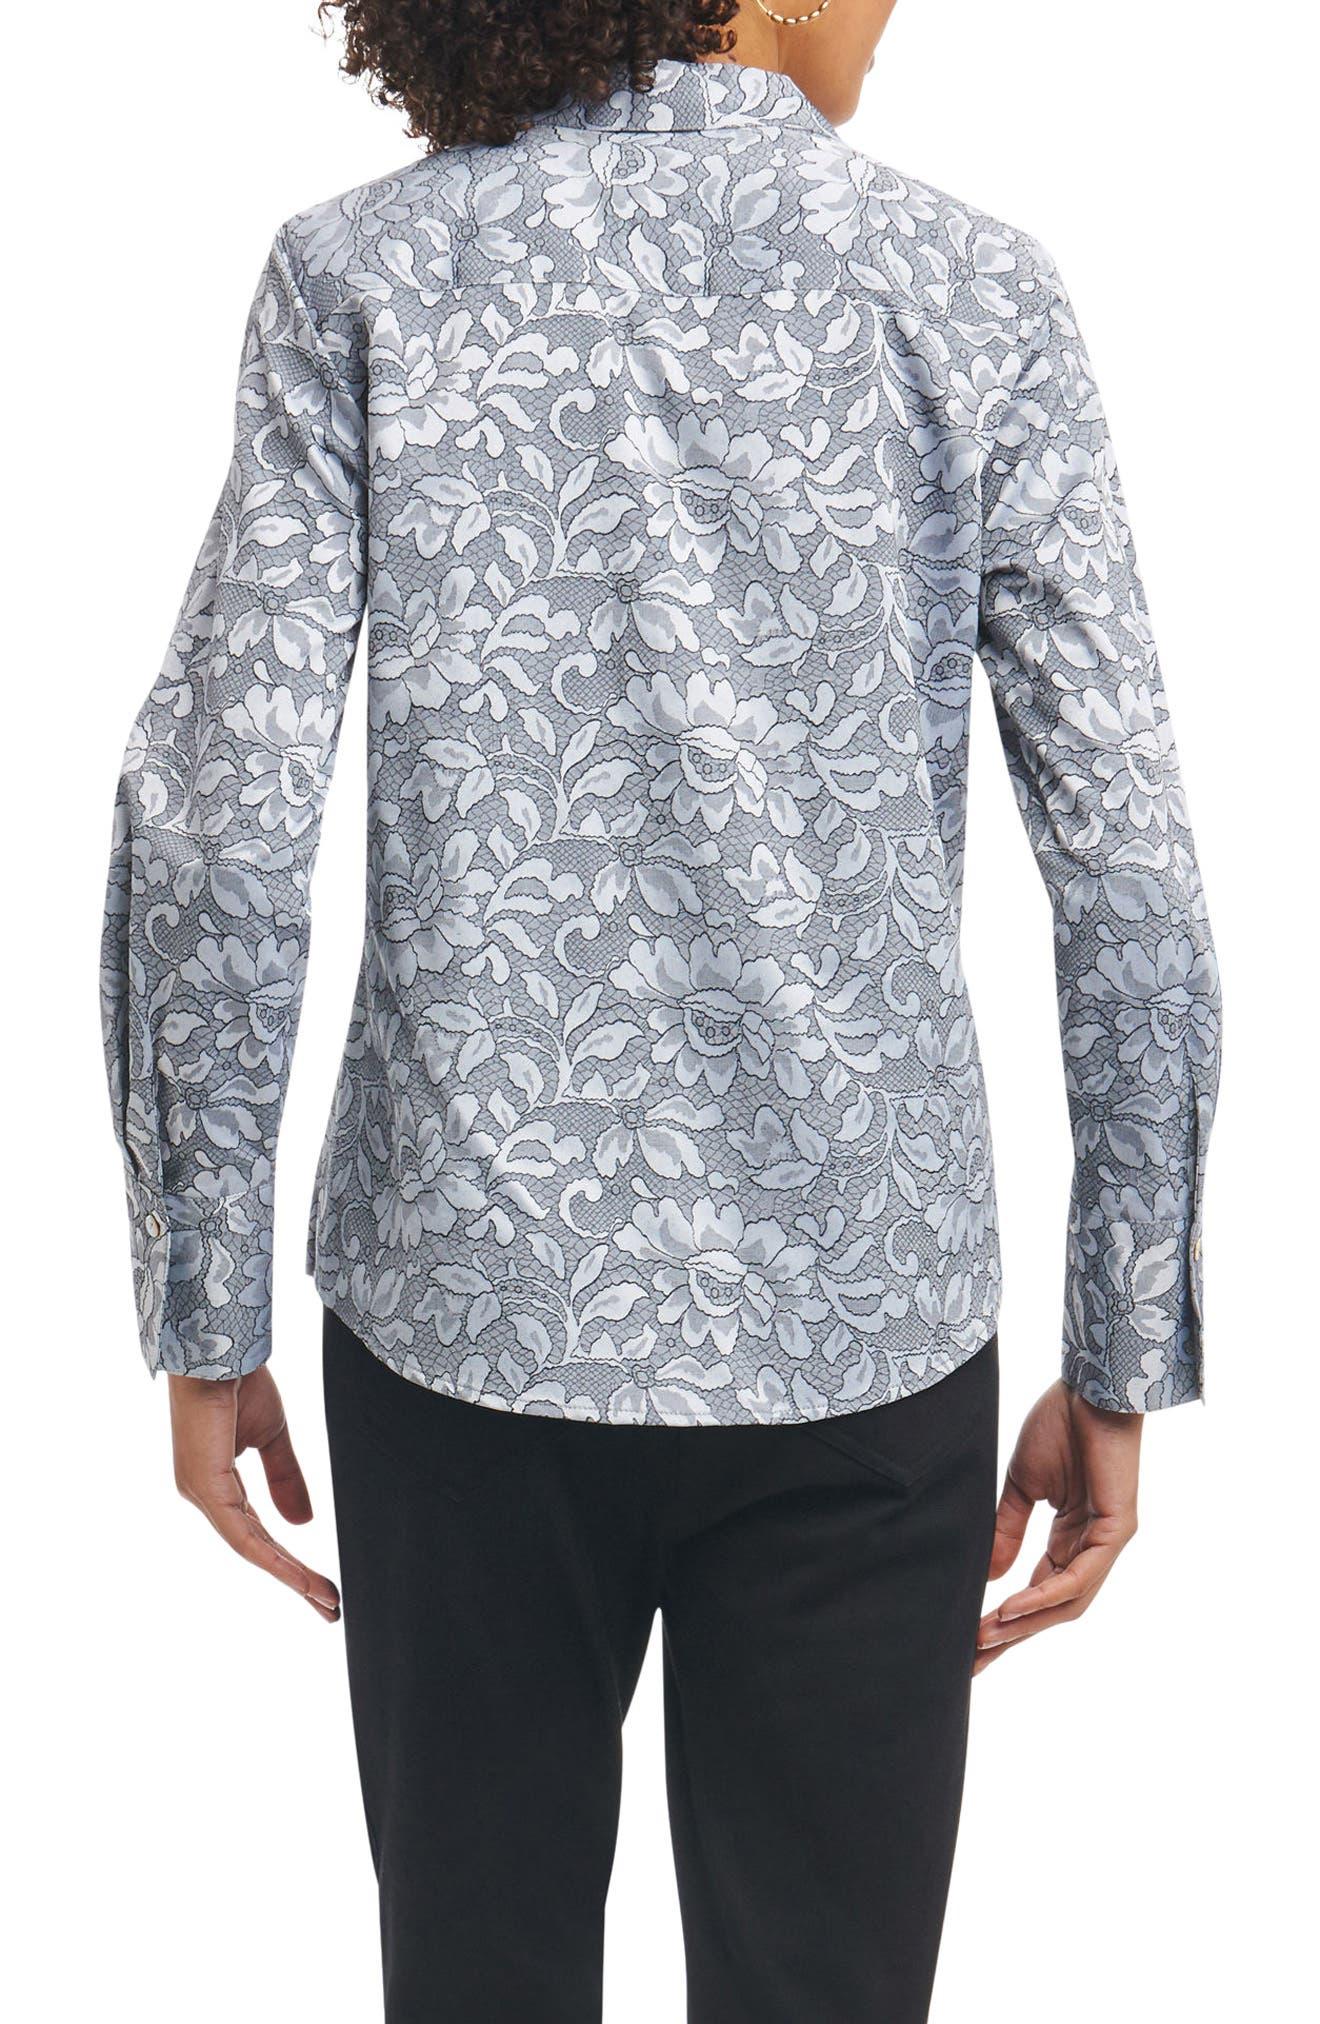 Rhonda Wrinkle Free Lace Jacquard Shirt,                             Alternate thumbnail 2, color,                             037